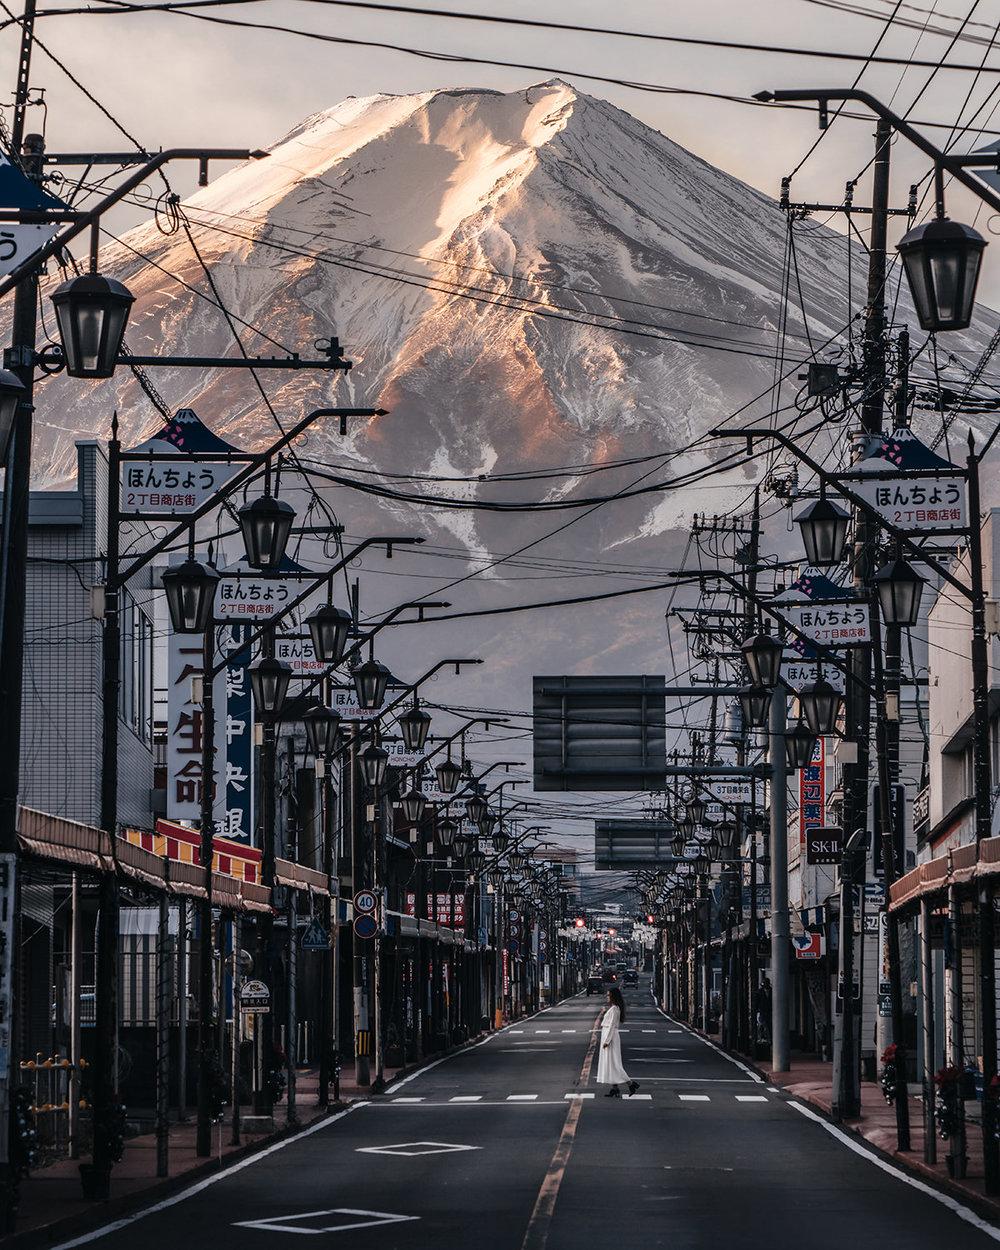 RK-street-foto-giappone.jpg